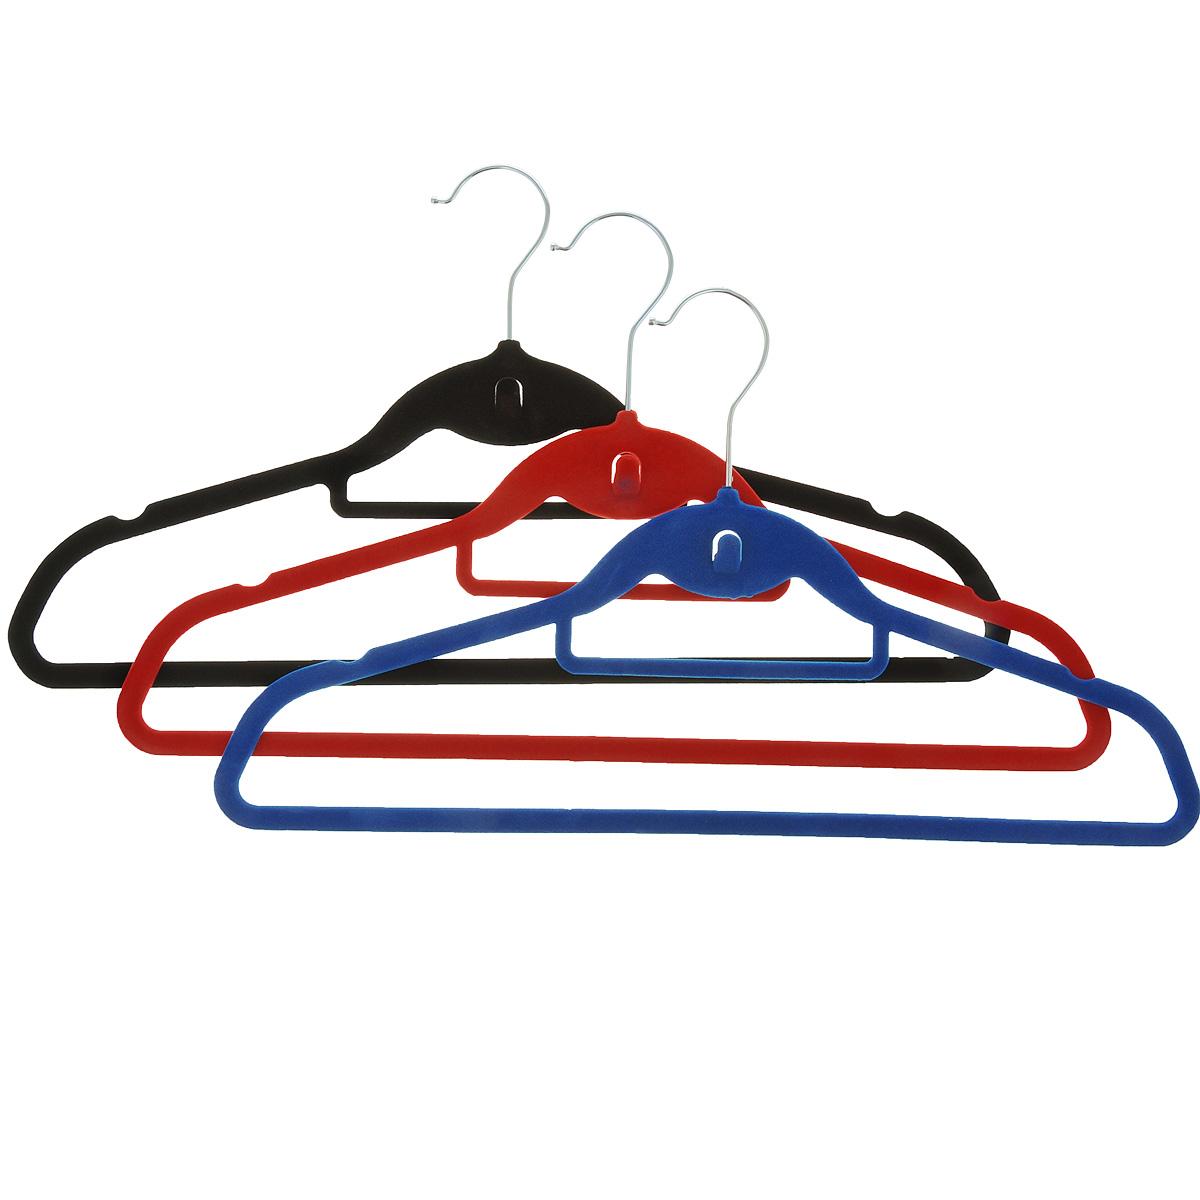 Набор вешалок для одежды Miolla, цвет: красный, синий, черный, 3 шт2511077UНабор Miolla состоит из 3 разноцветных вешалок, изготовленных из нейлона с текстильным покрытием. Изделия оснащены большой перекладиной, малой перекладиной для галстука, боковыми крючками и дополнительным крючком. Вешалка - это незаменимая вещь для того, чтобы ваша одежда всегда оставалась в хорошем состоянии. Комплектация: 3 шт. Длина вешалки: 45 см.